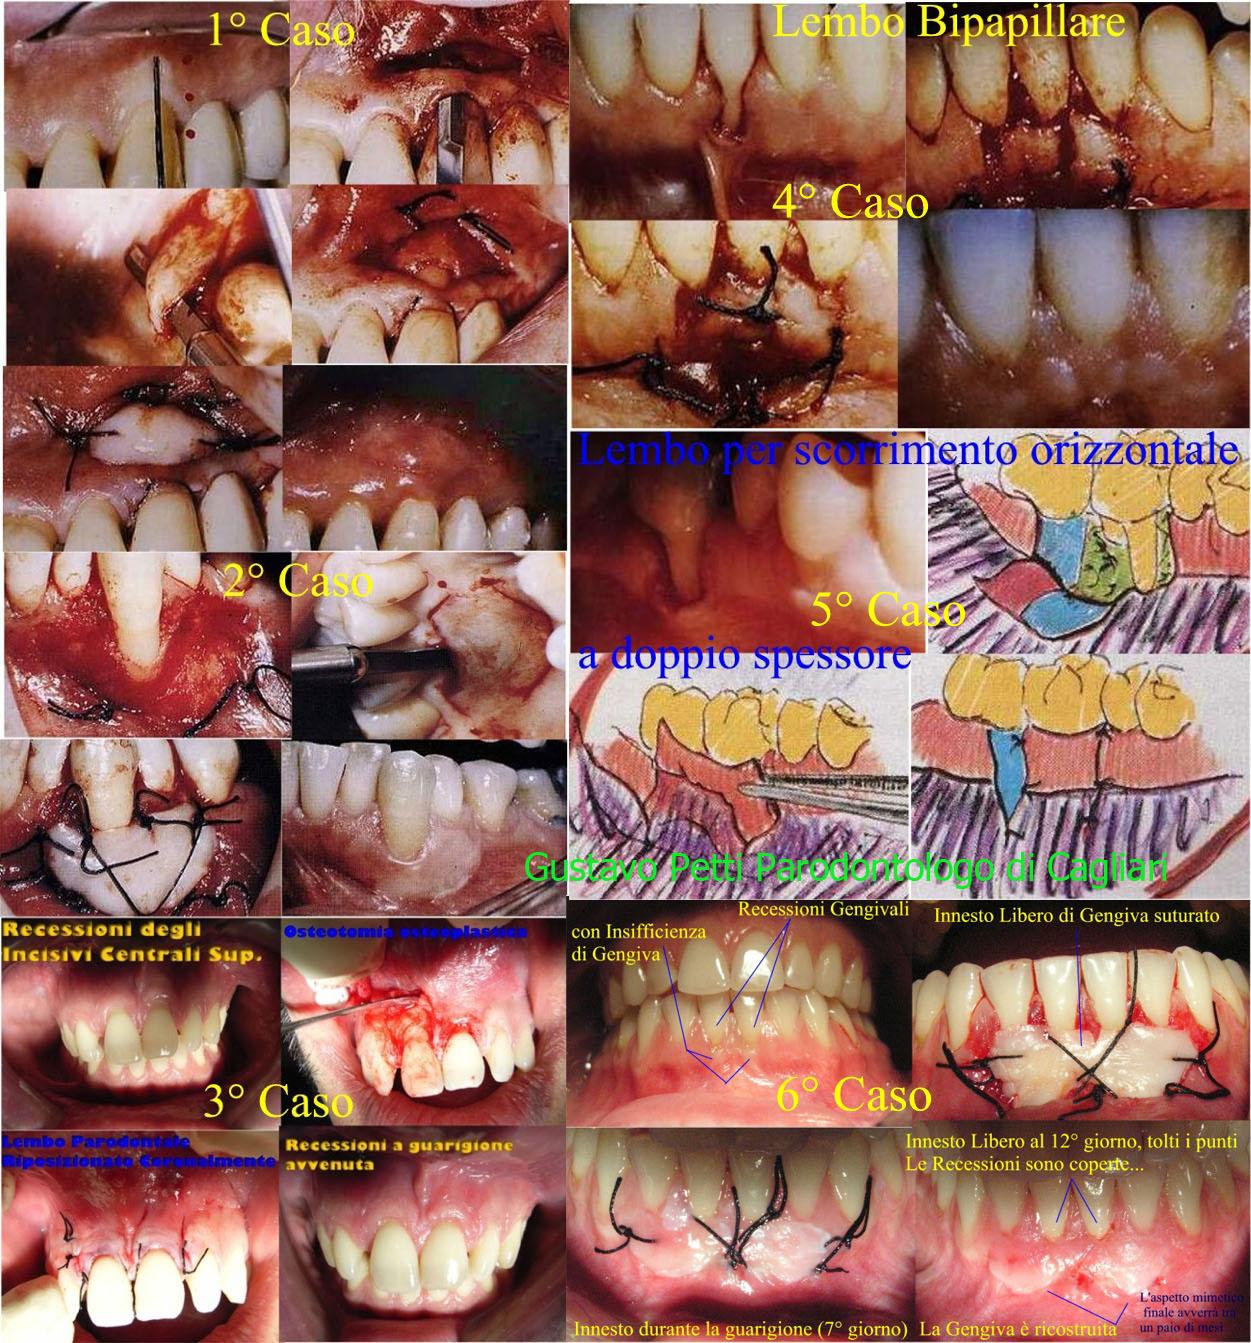 petti-gustavo-parodontologo-ca-recessioni-14.jpg